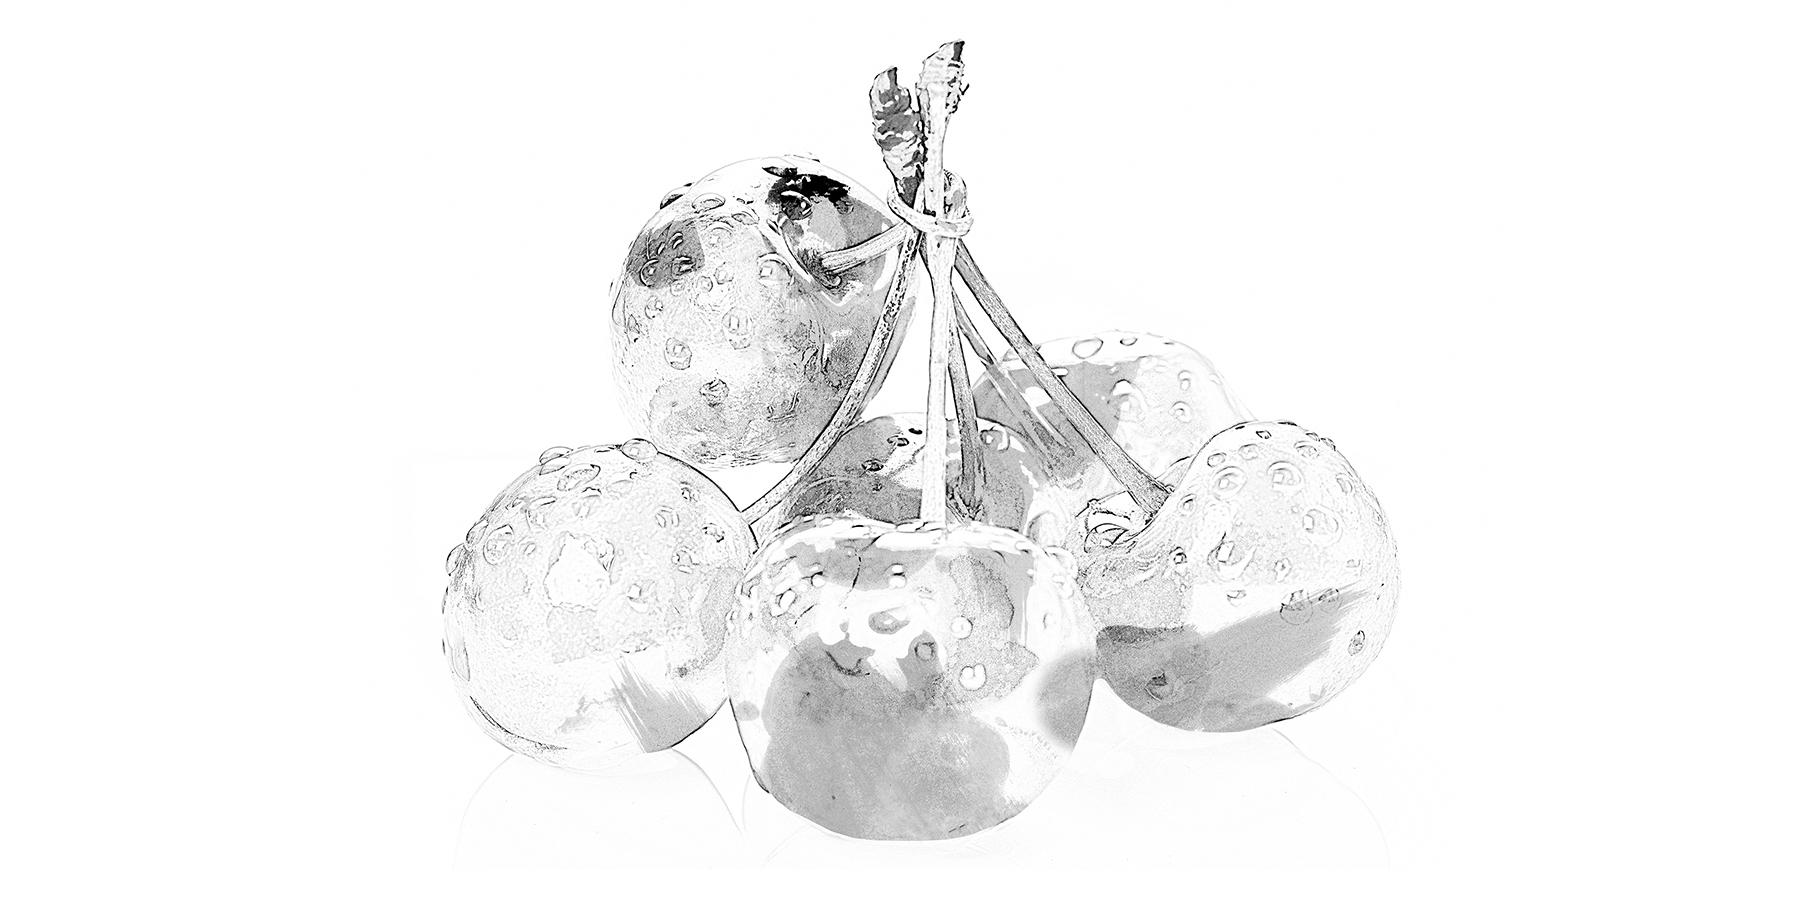 cherries2 copy-8x10-smaller.jpg